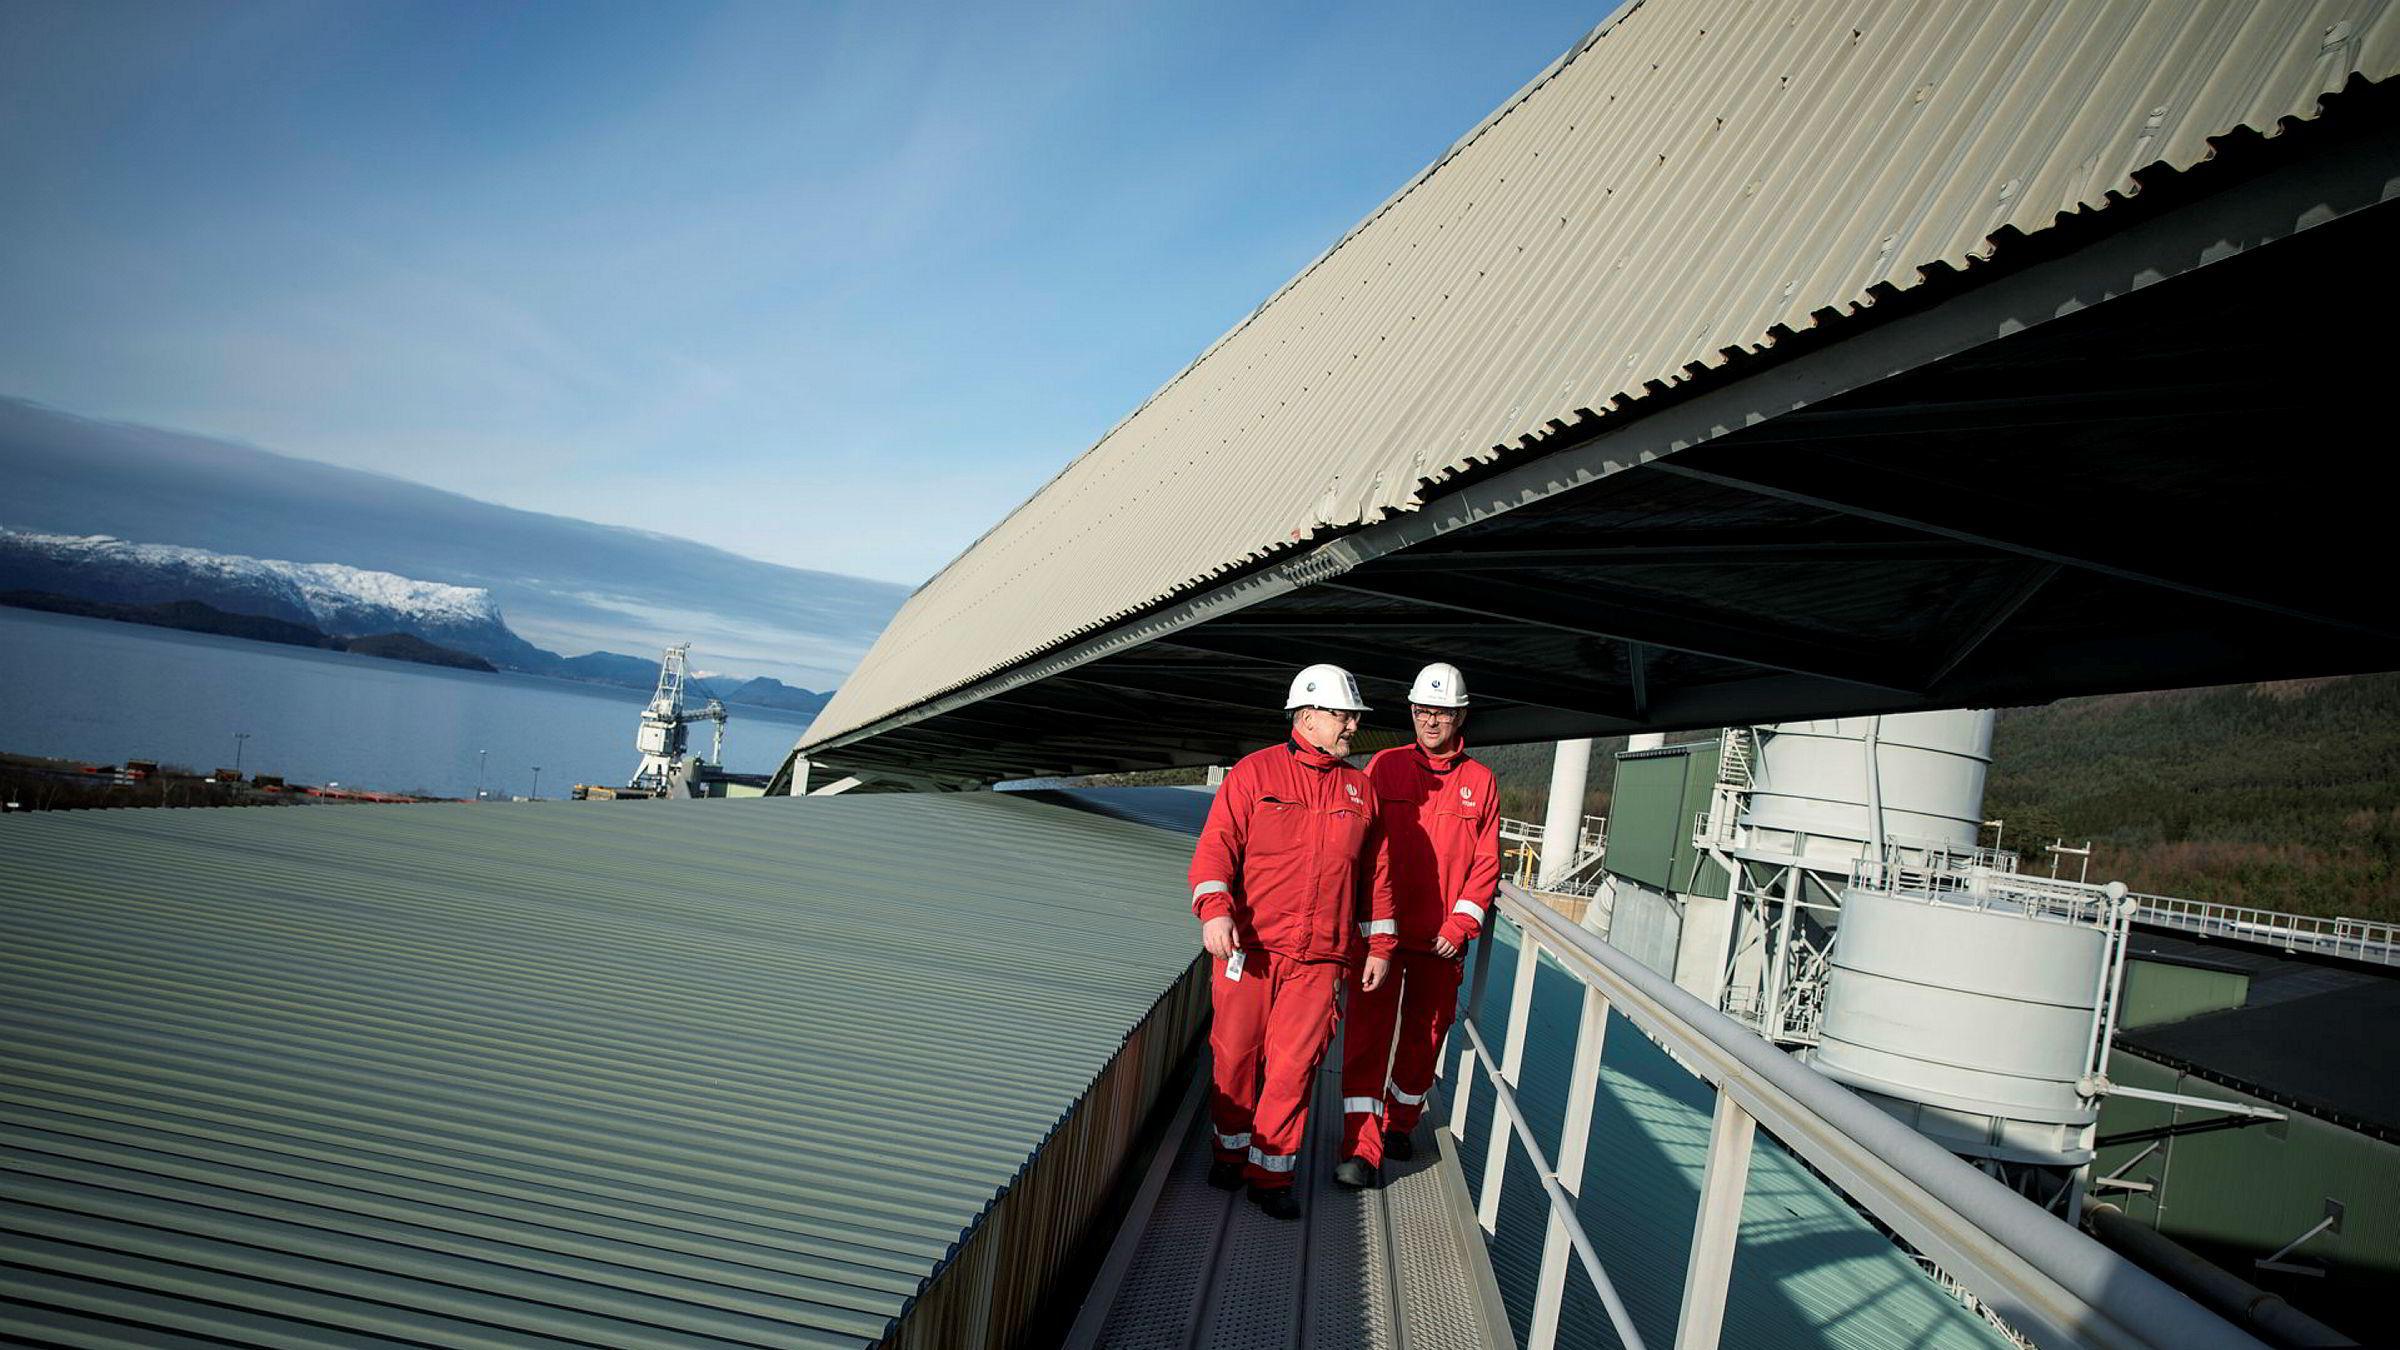 Aluminiumsprodusenten Hydro Husnes skal nå doble produksjonen. Tillitsvalgt Ørjan Normann (til venstre) og fabrikksjef Johan Berg tenker begge på globalt marked og konkurranseevne.